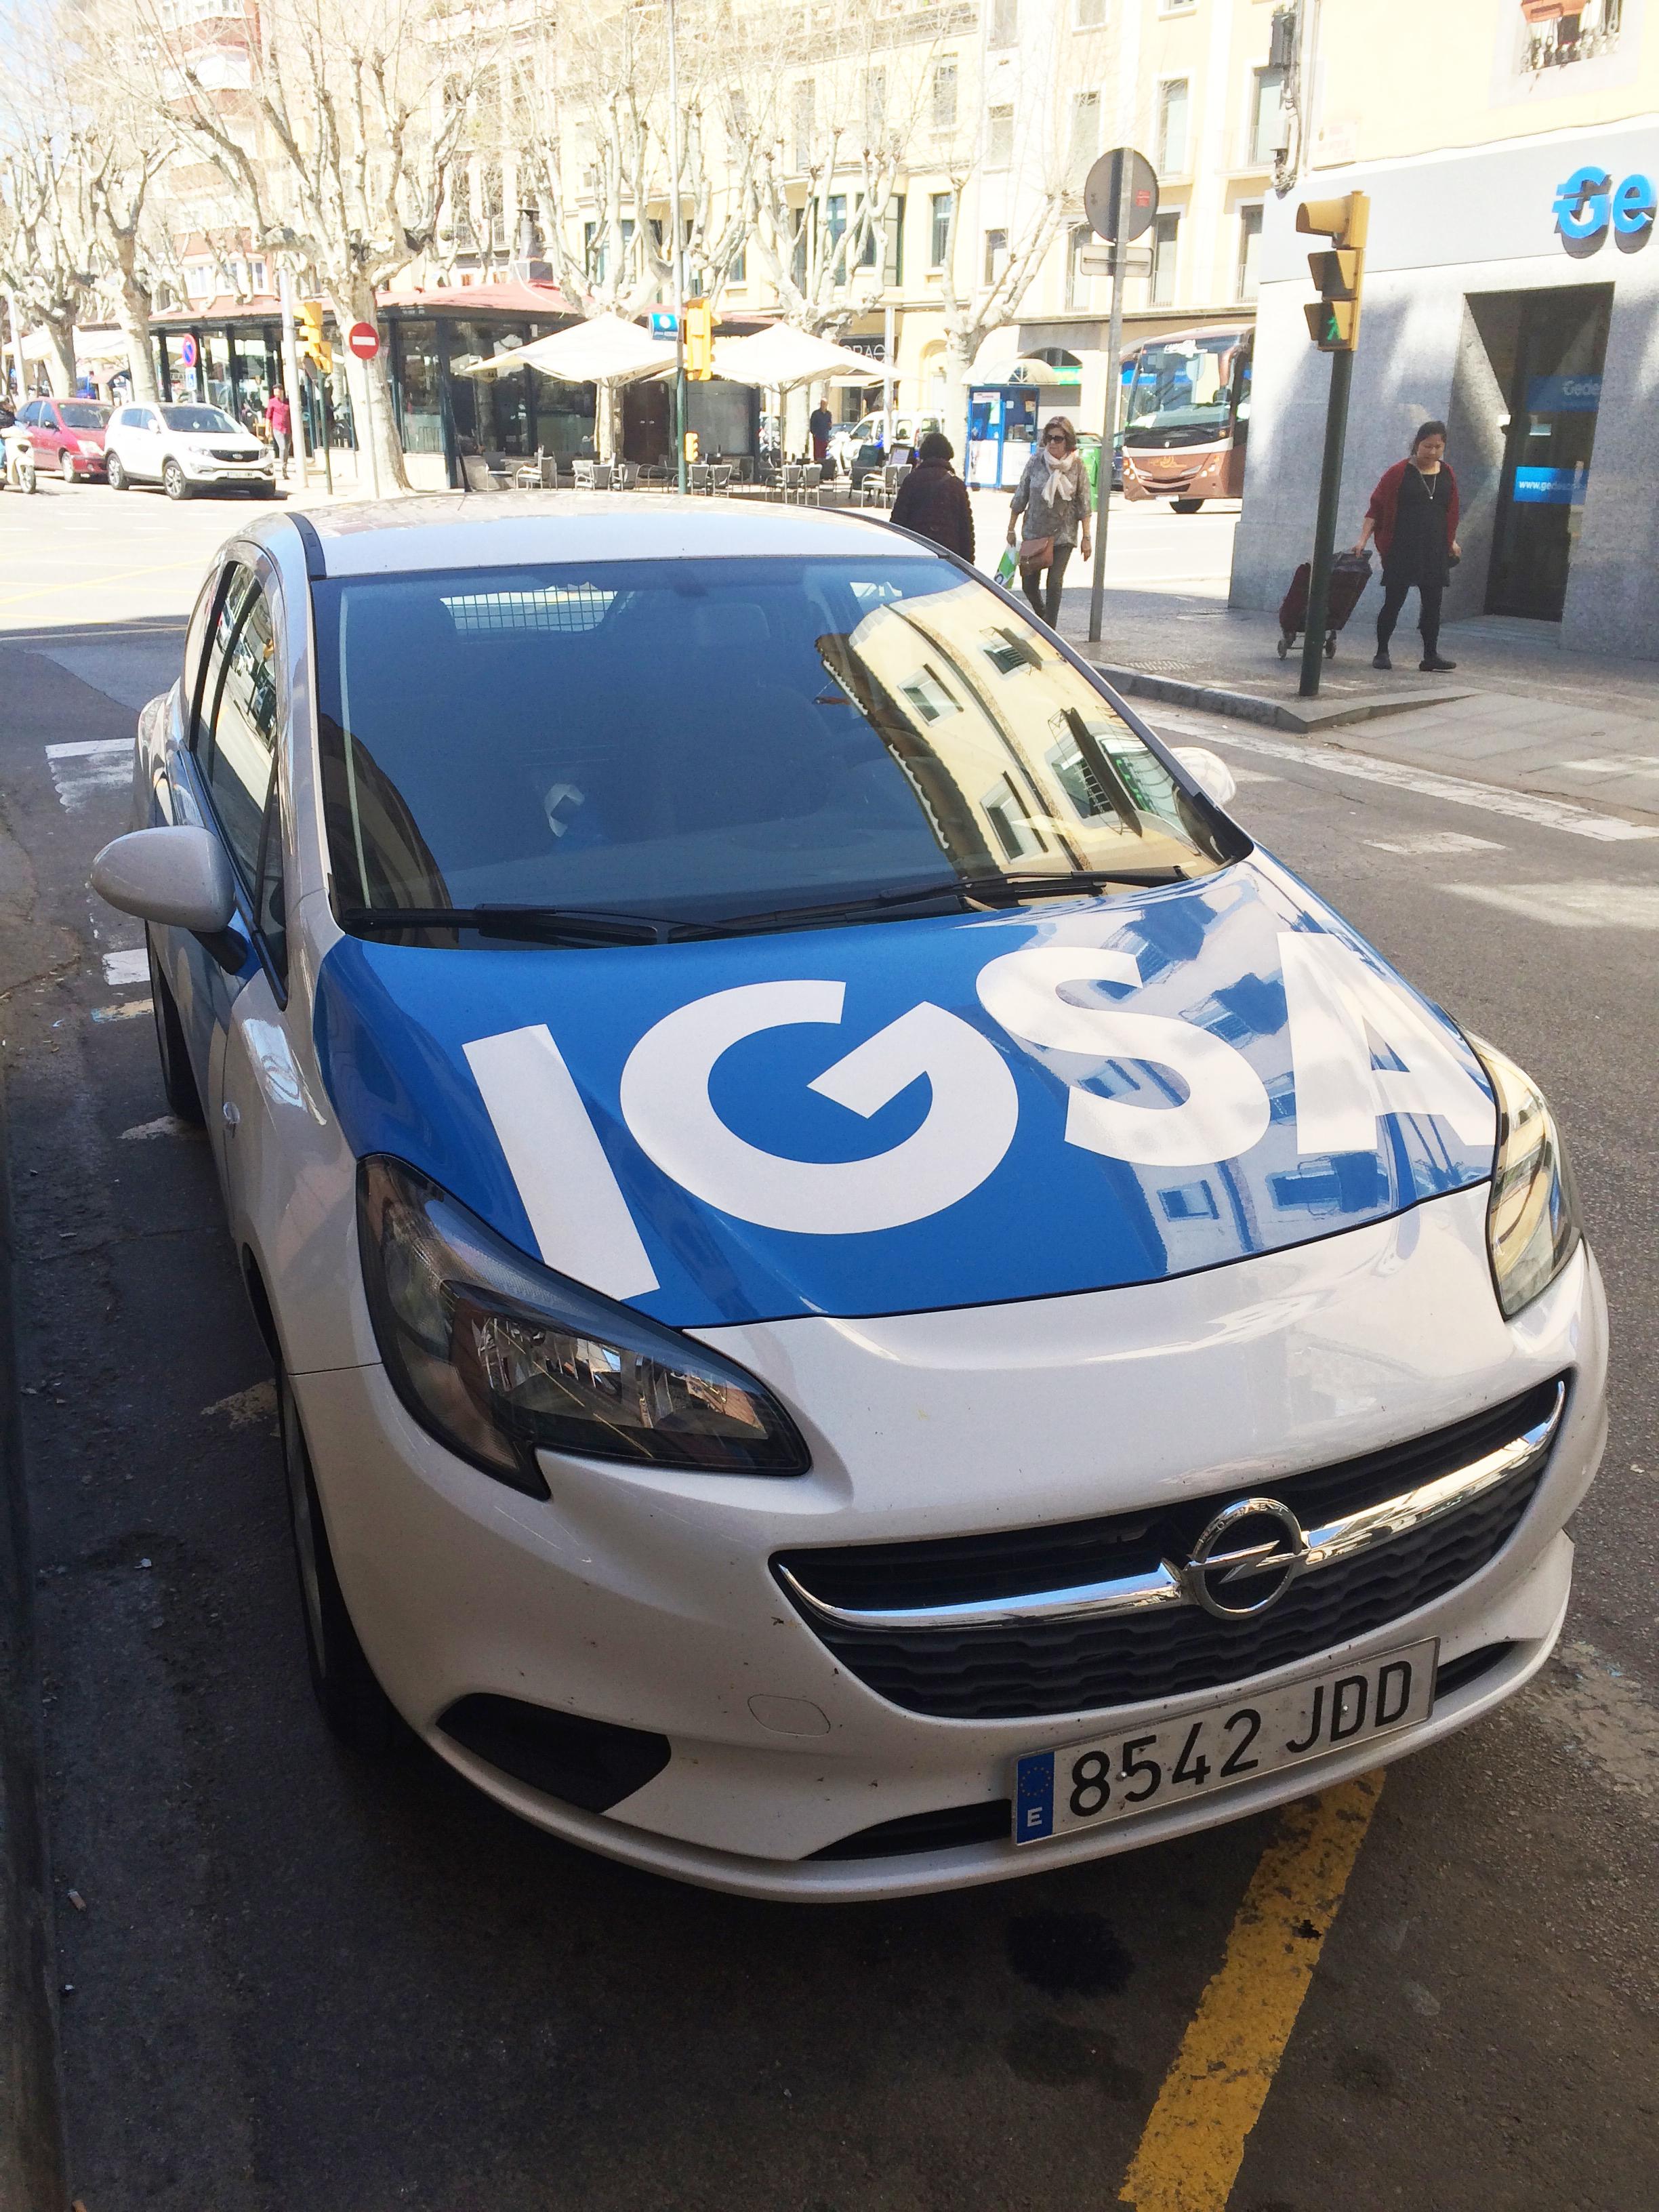 cotxe-igsa_1